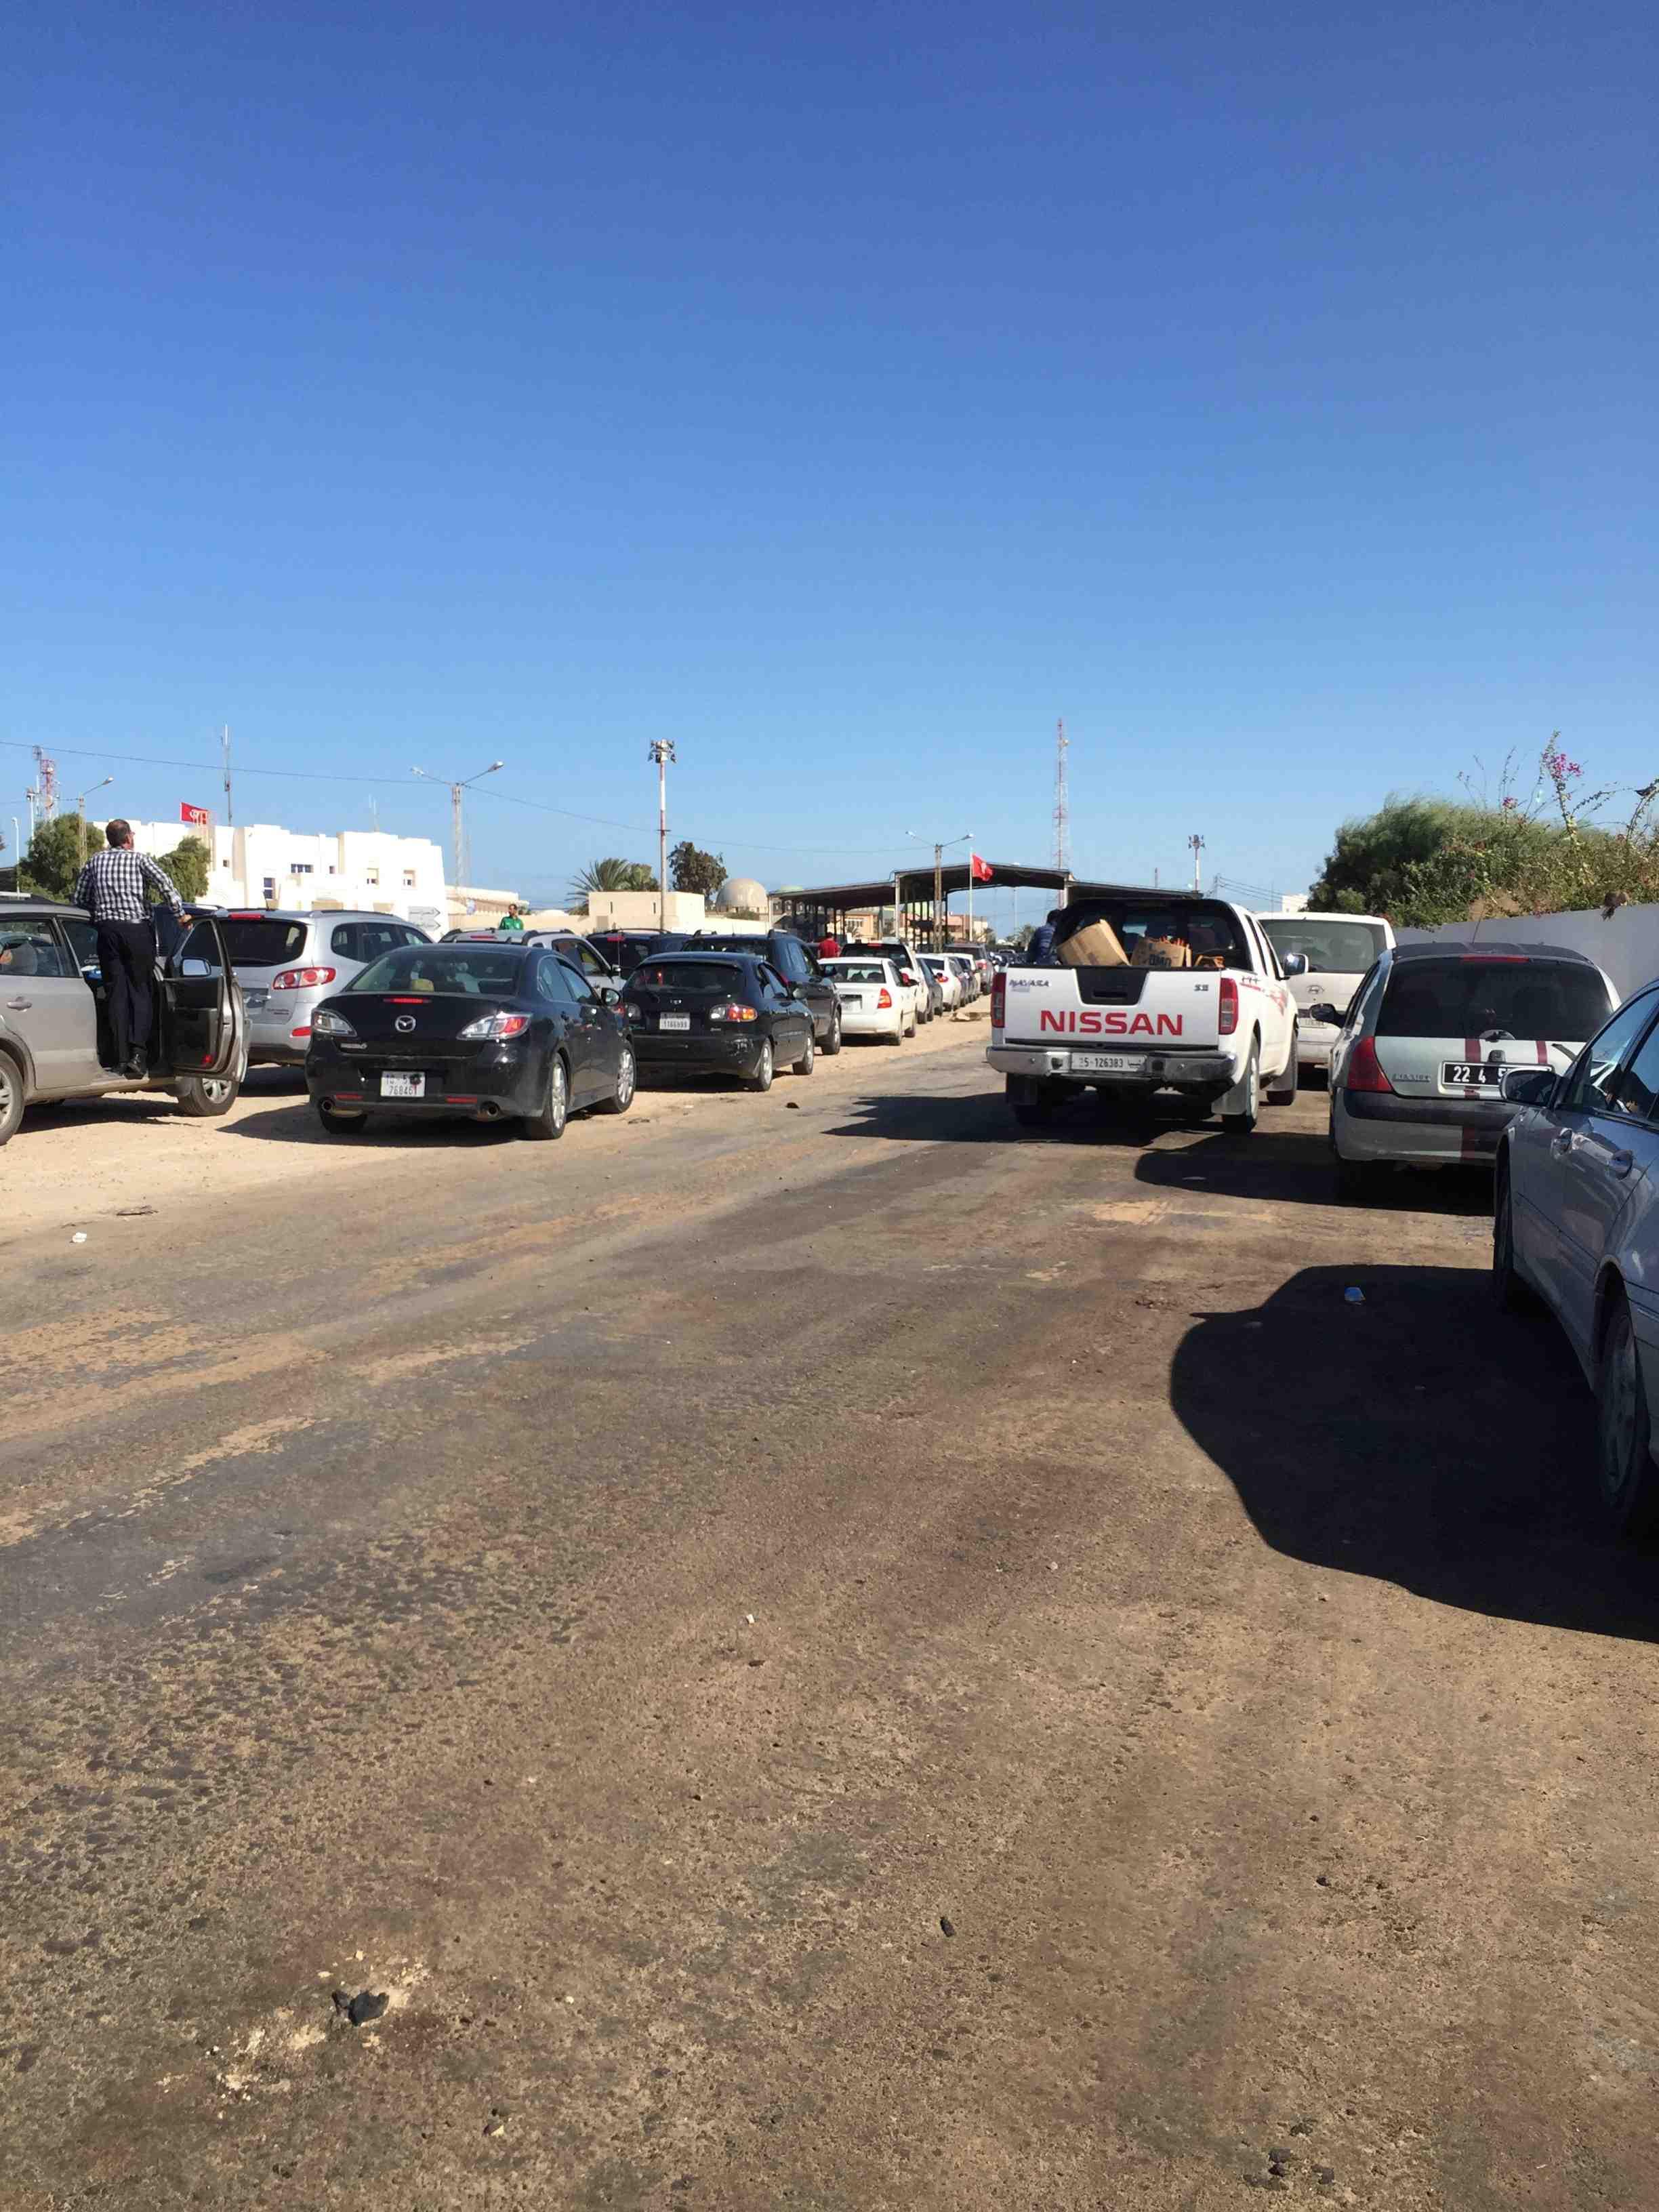 Ballet incessant de véhicules à la frontière entre la Libye en proie à une guerre civile, et la Tunisie voisine. Photo : F.A (Intégrales Mag)